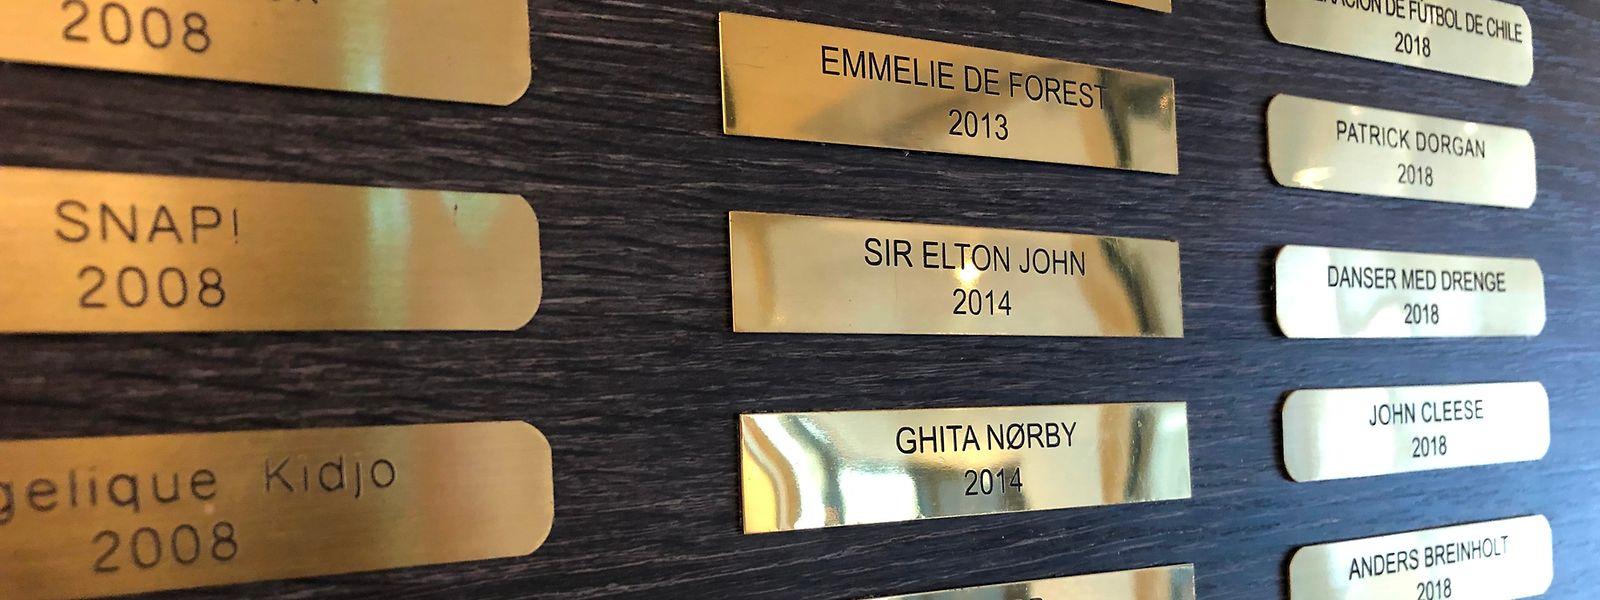 Sänger Elton John ist einer von vielen Stars, die im selben Hotel wie die Luxemburger übernachtet haben.